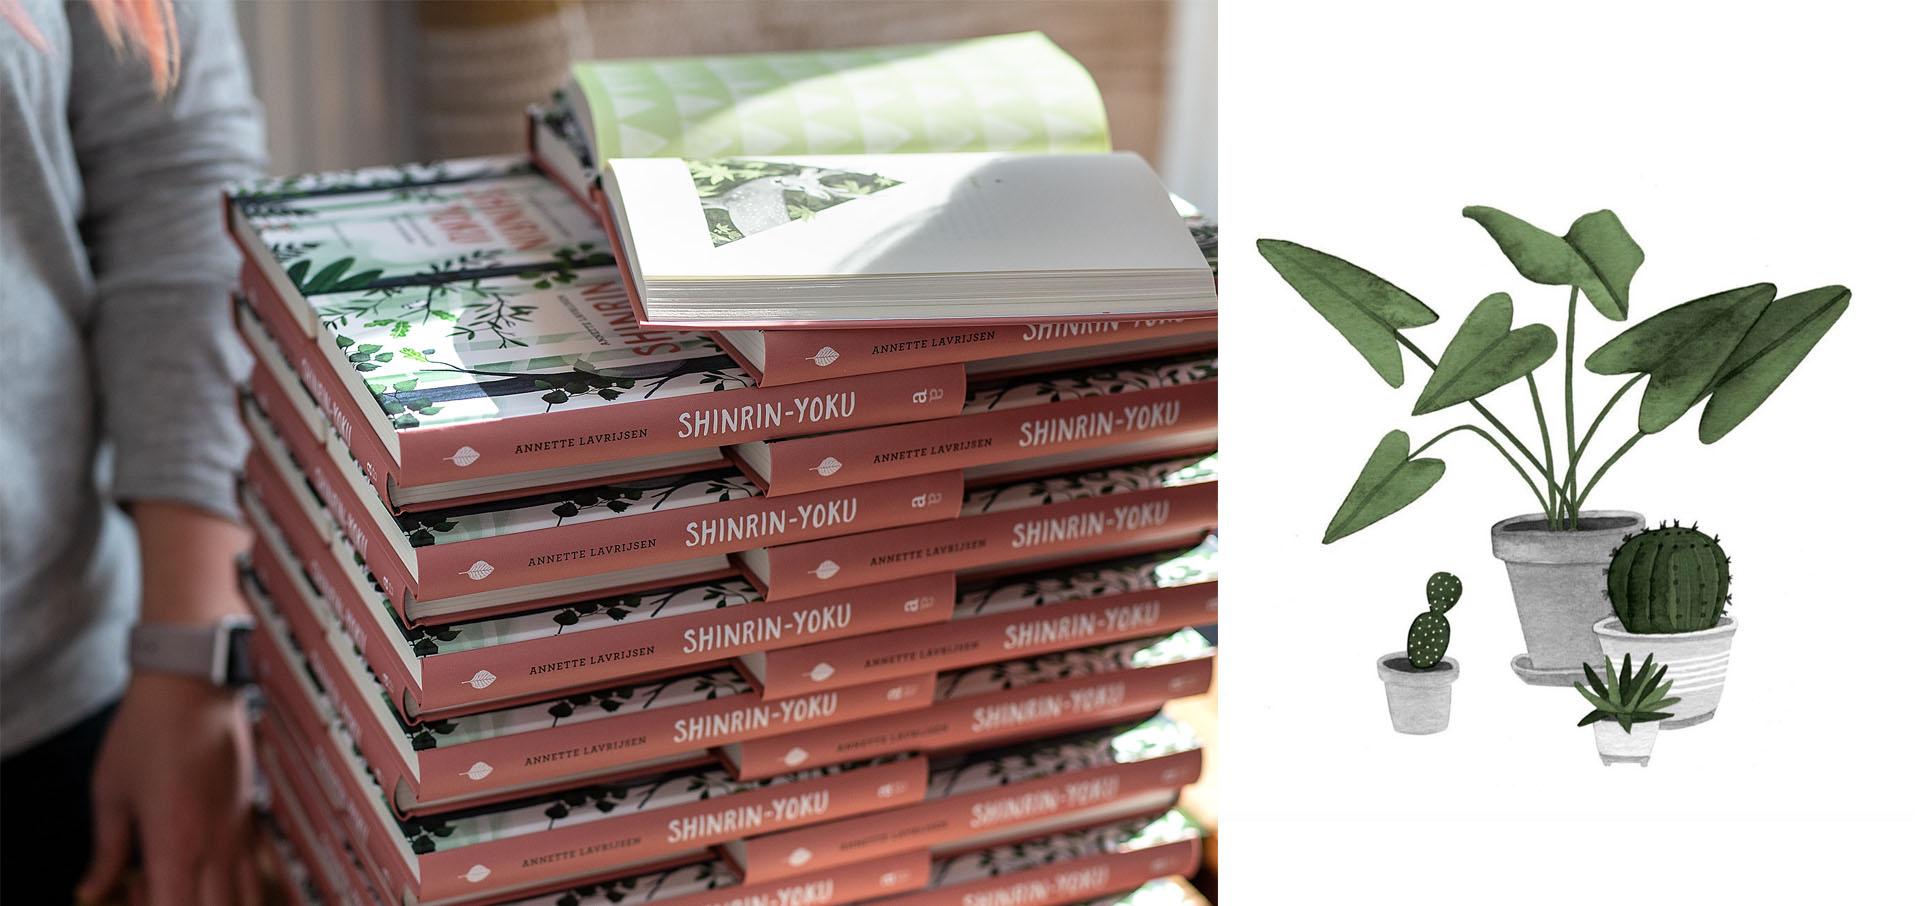 shinrinyoku houseplants